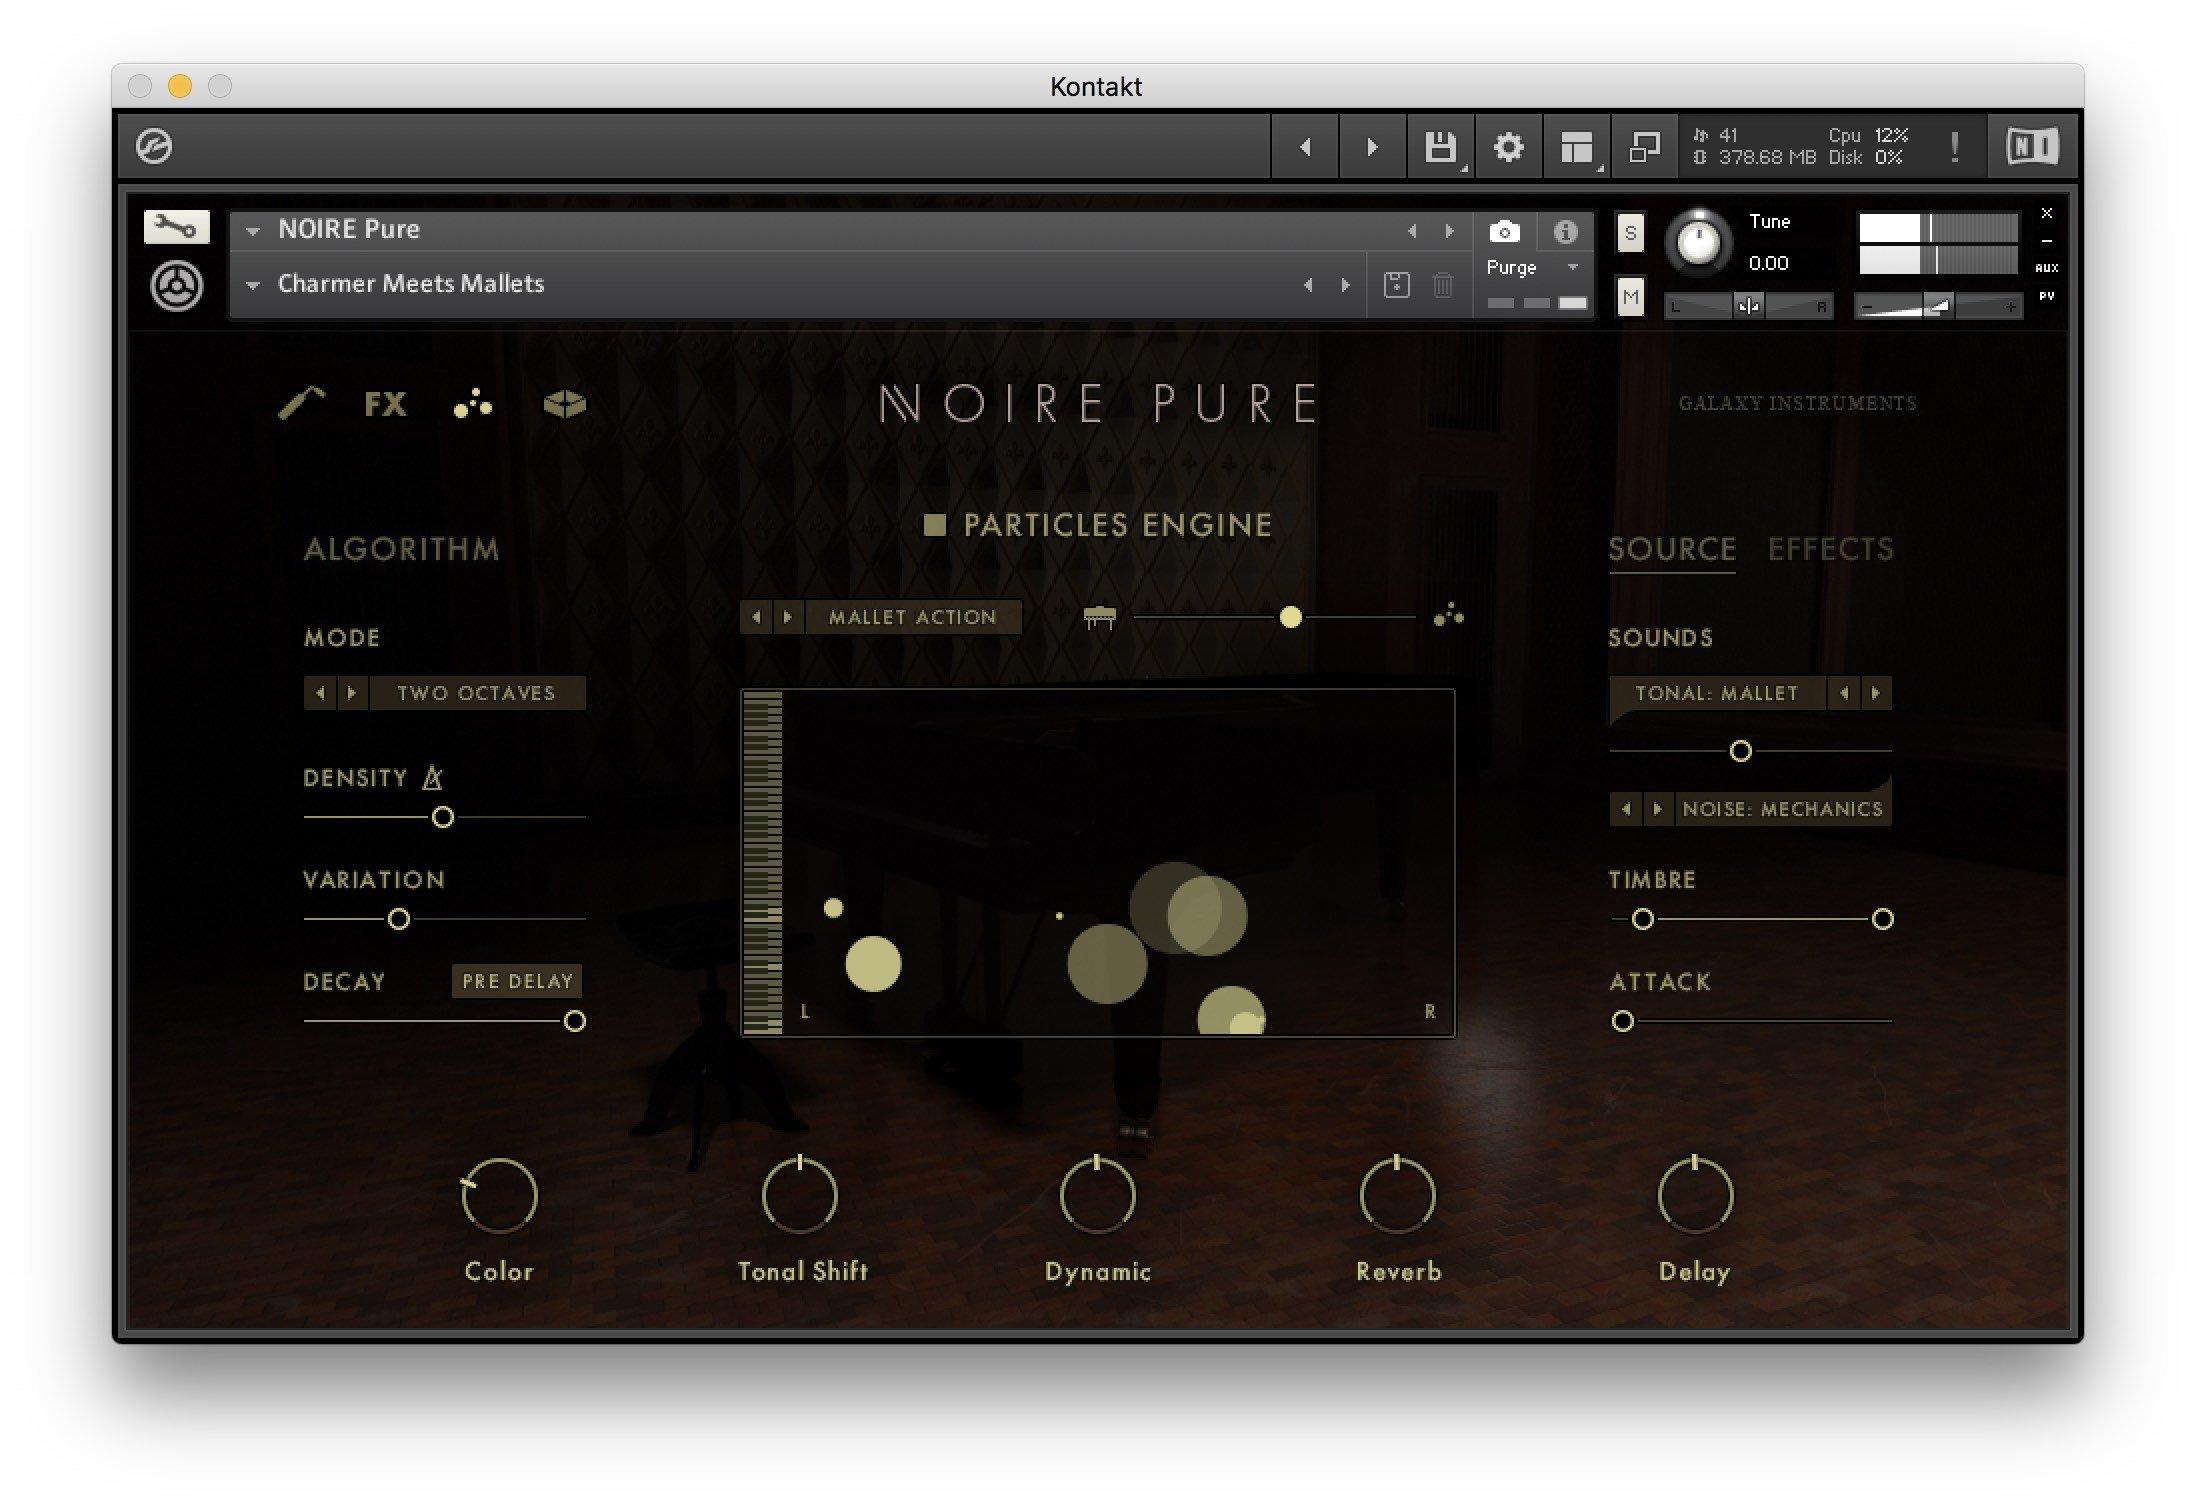 Native Instruments NOIRE - Particles